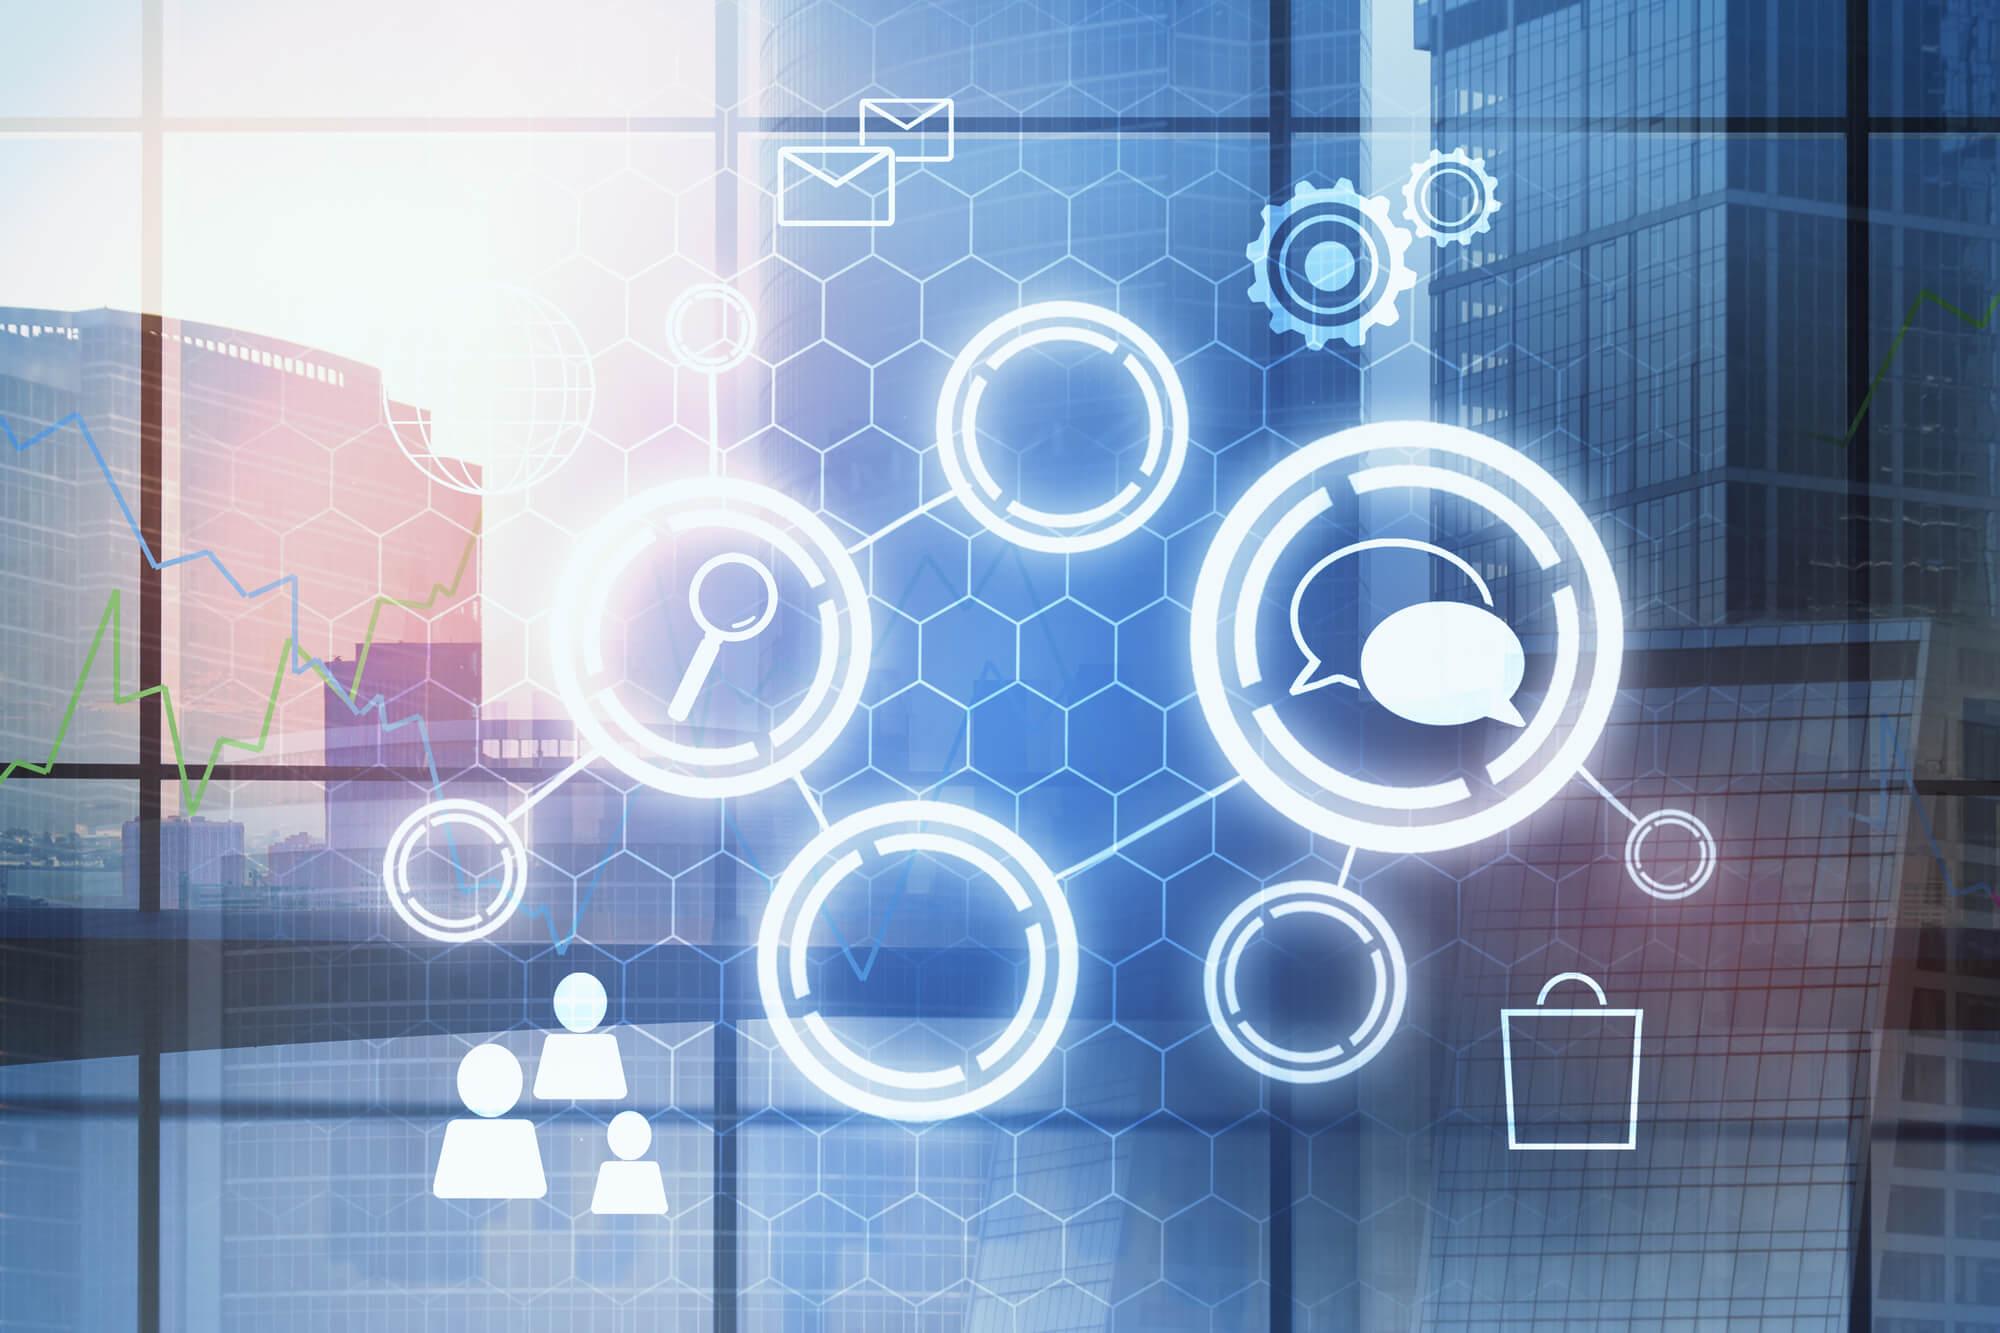 diagrama conceitual de transformação digital nas empresas